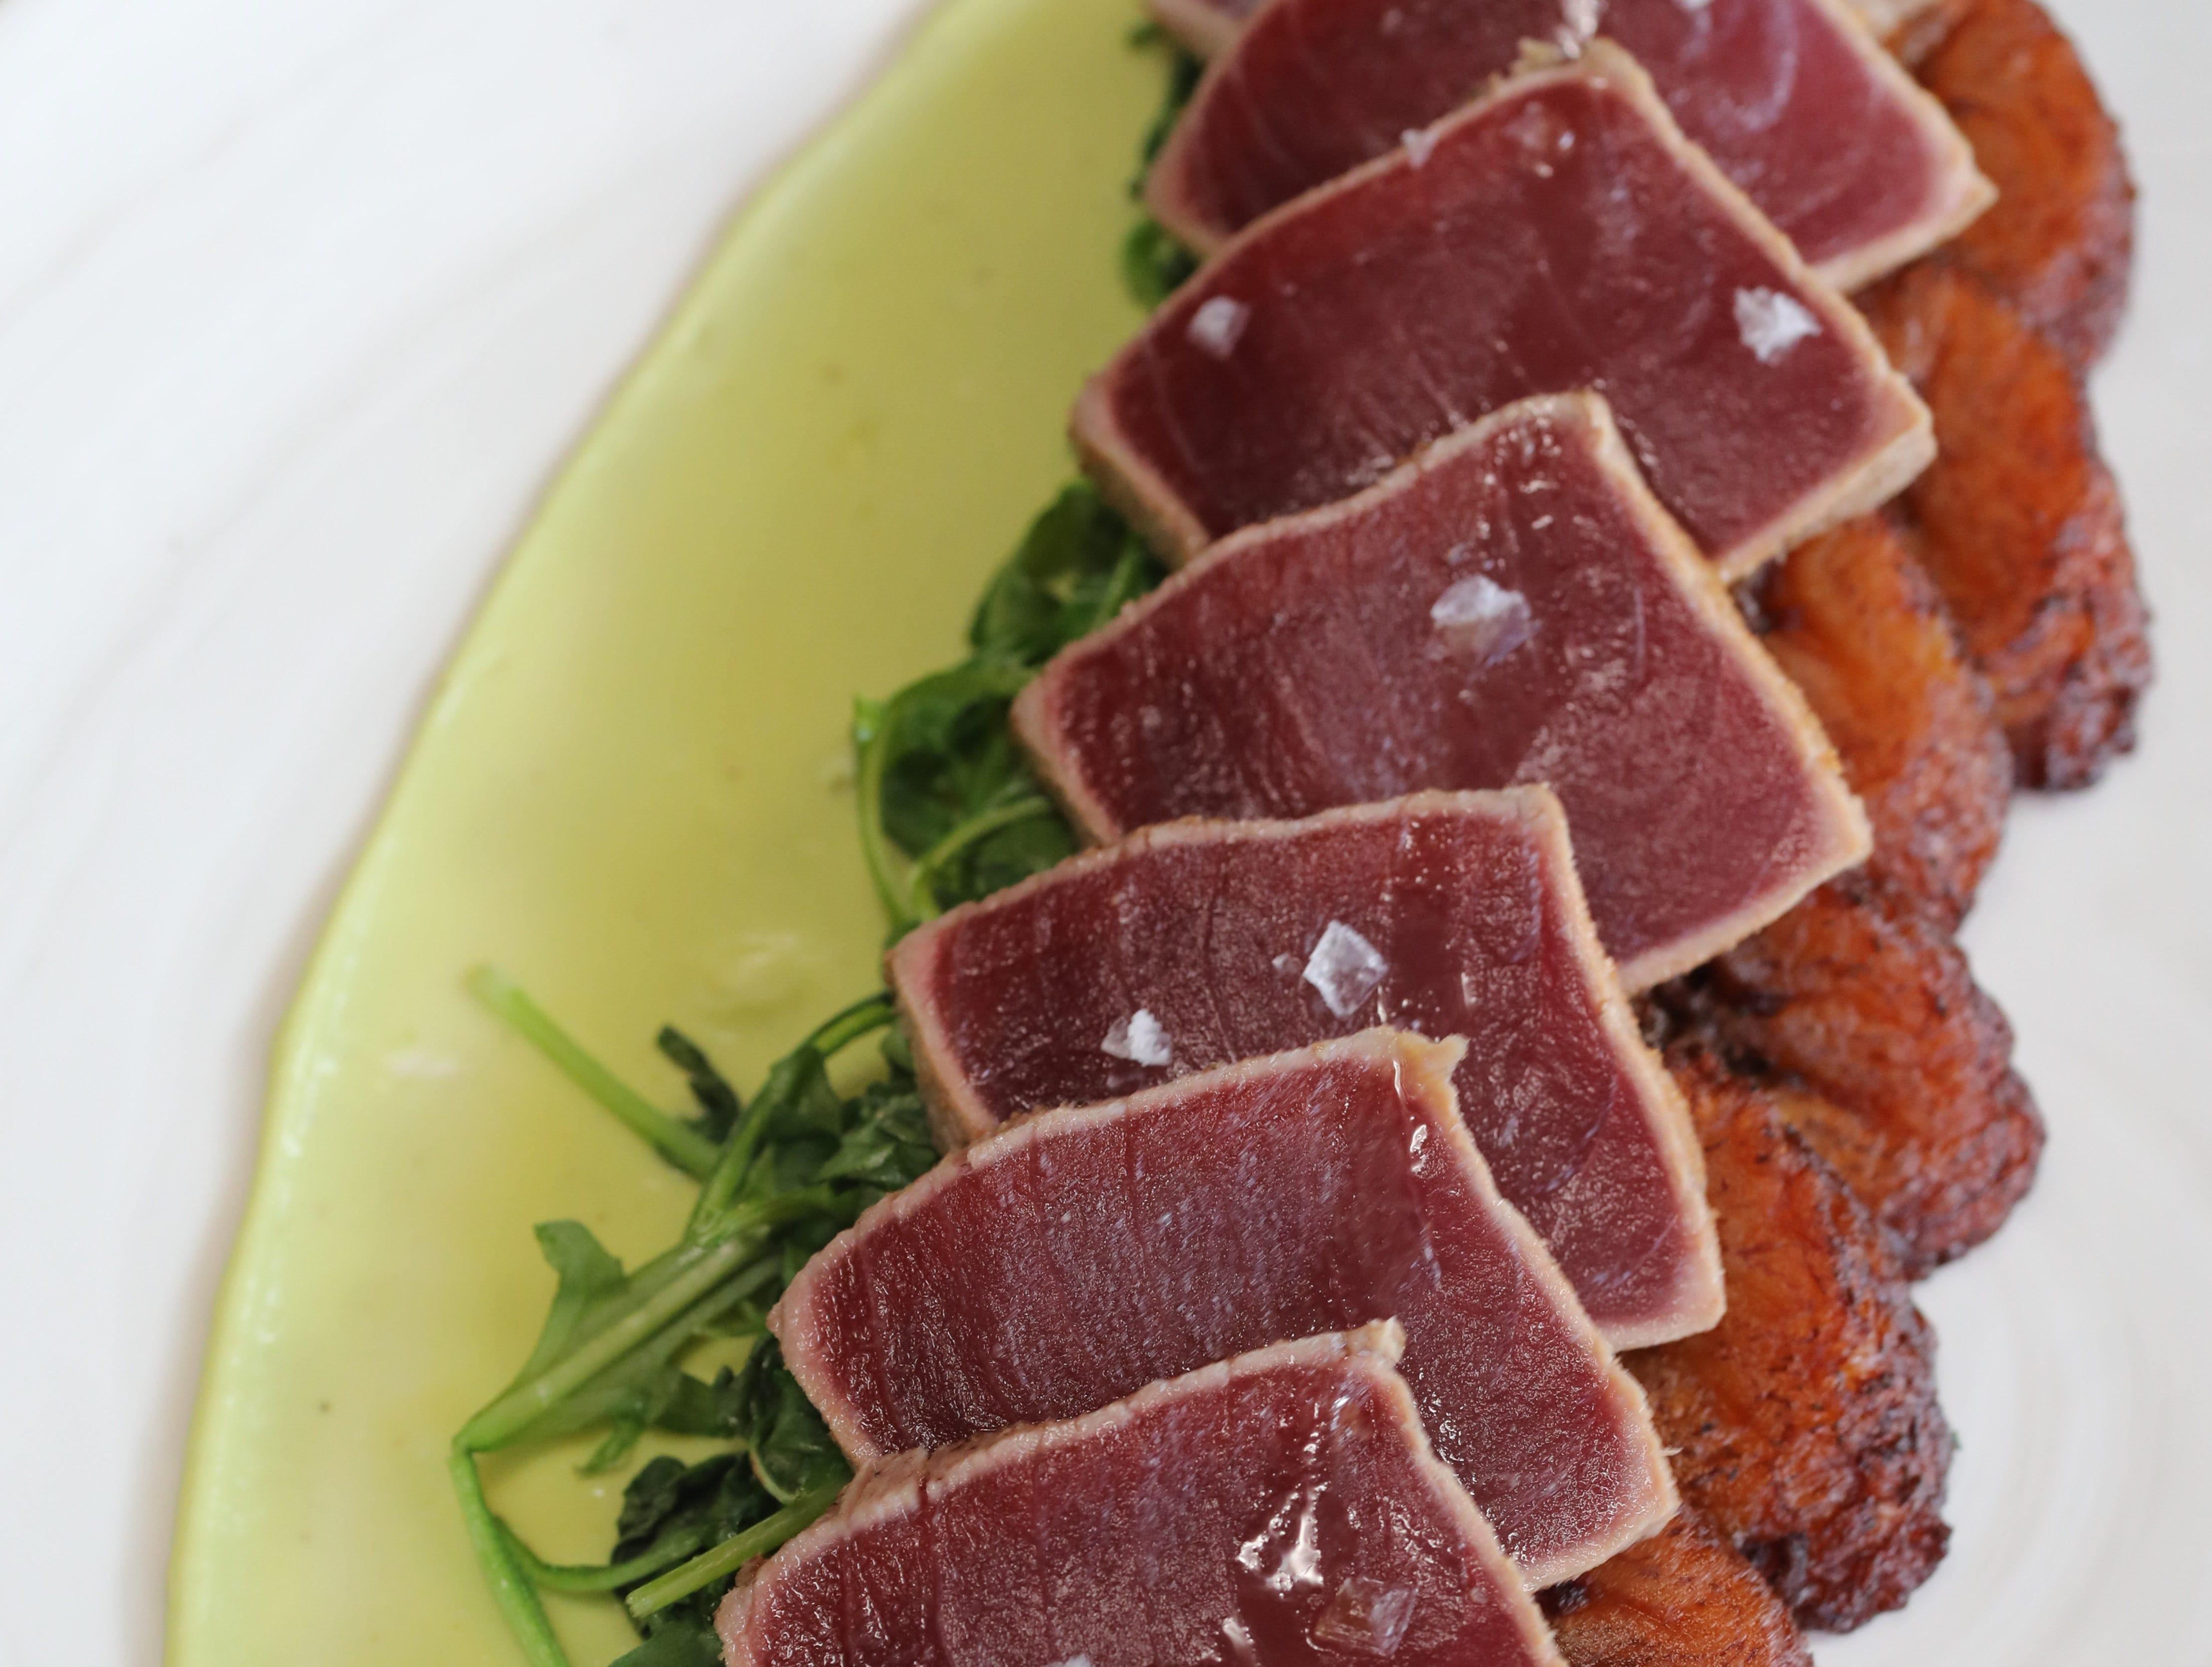 MARK VERGARI: The seared tuna with sauteed arugula, plantains and avocado cream at Unico Restaurant on North Central Avenue in Hartsdale, April 26, 2018.